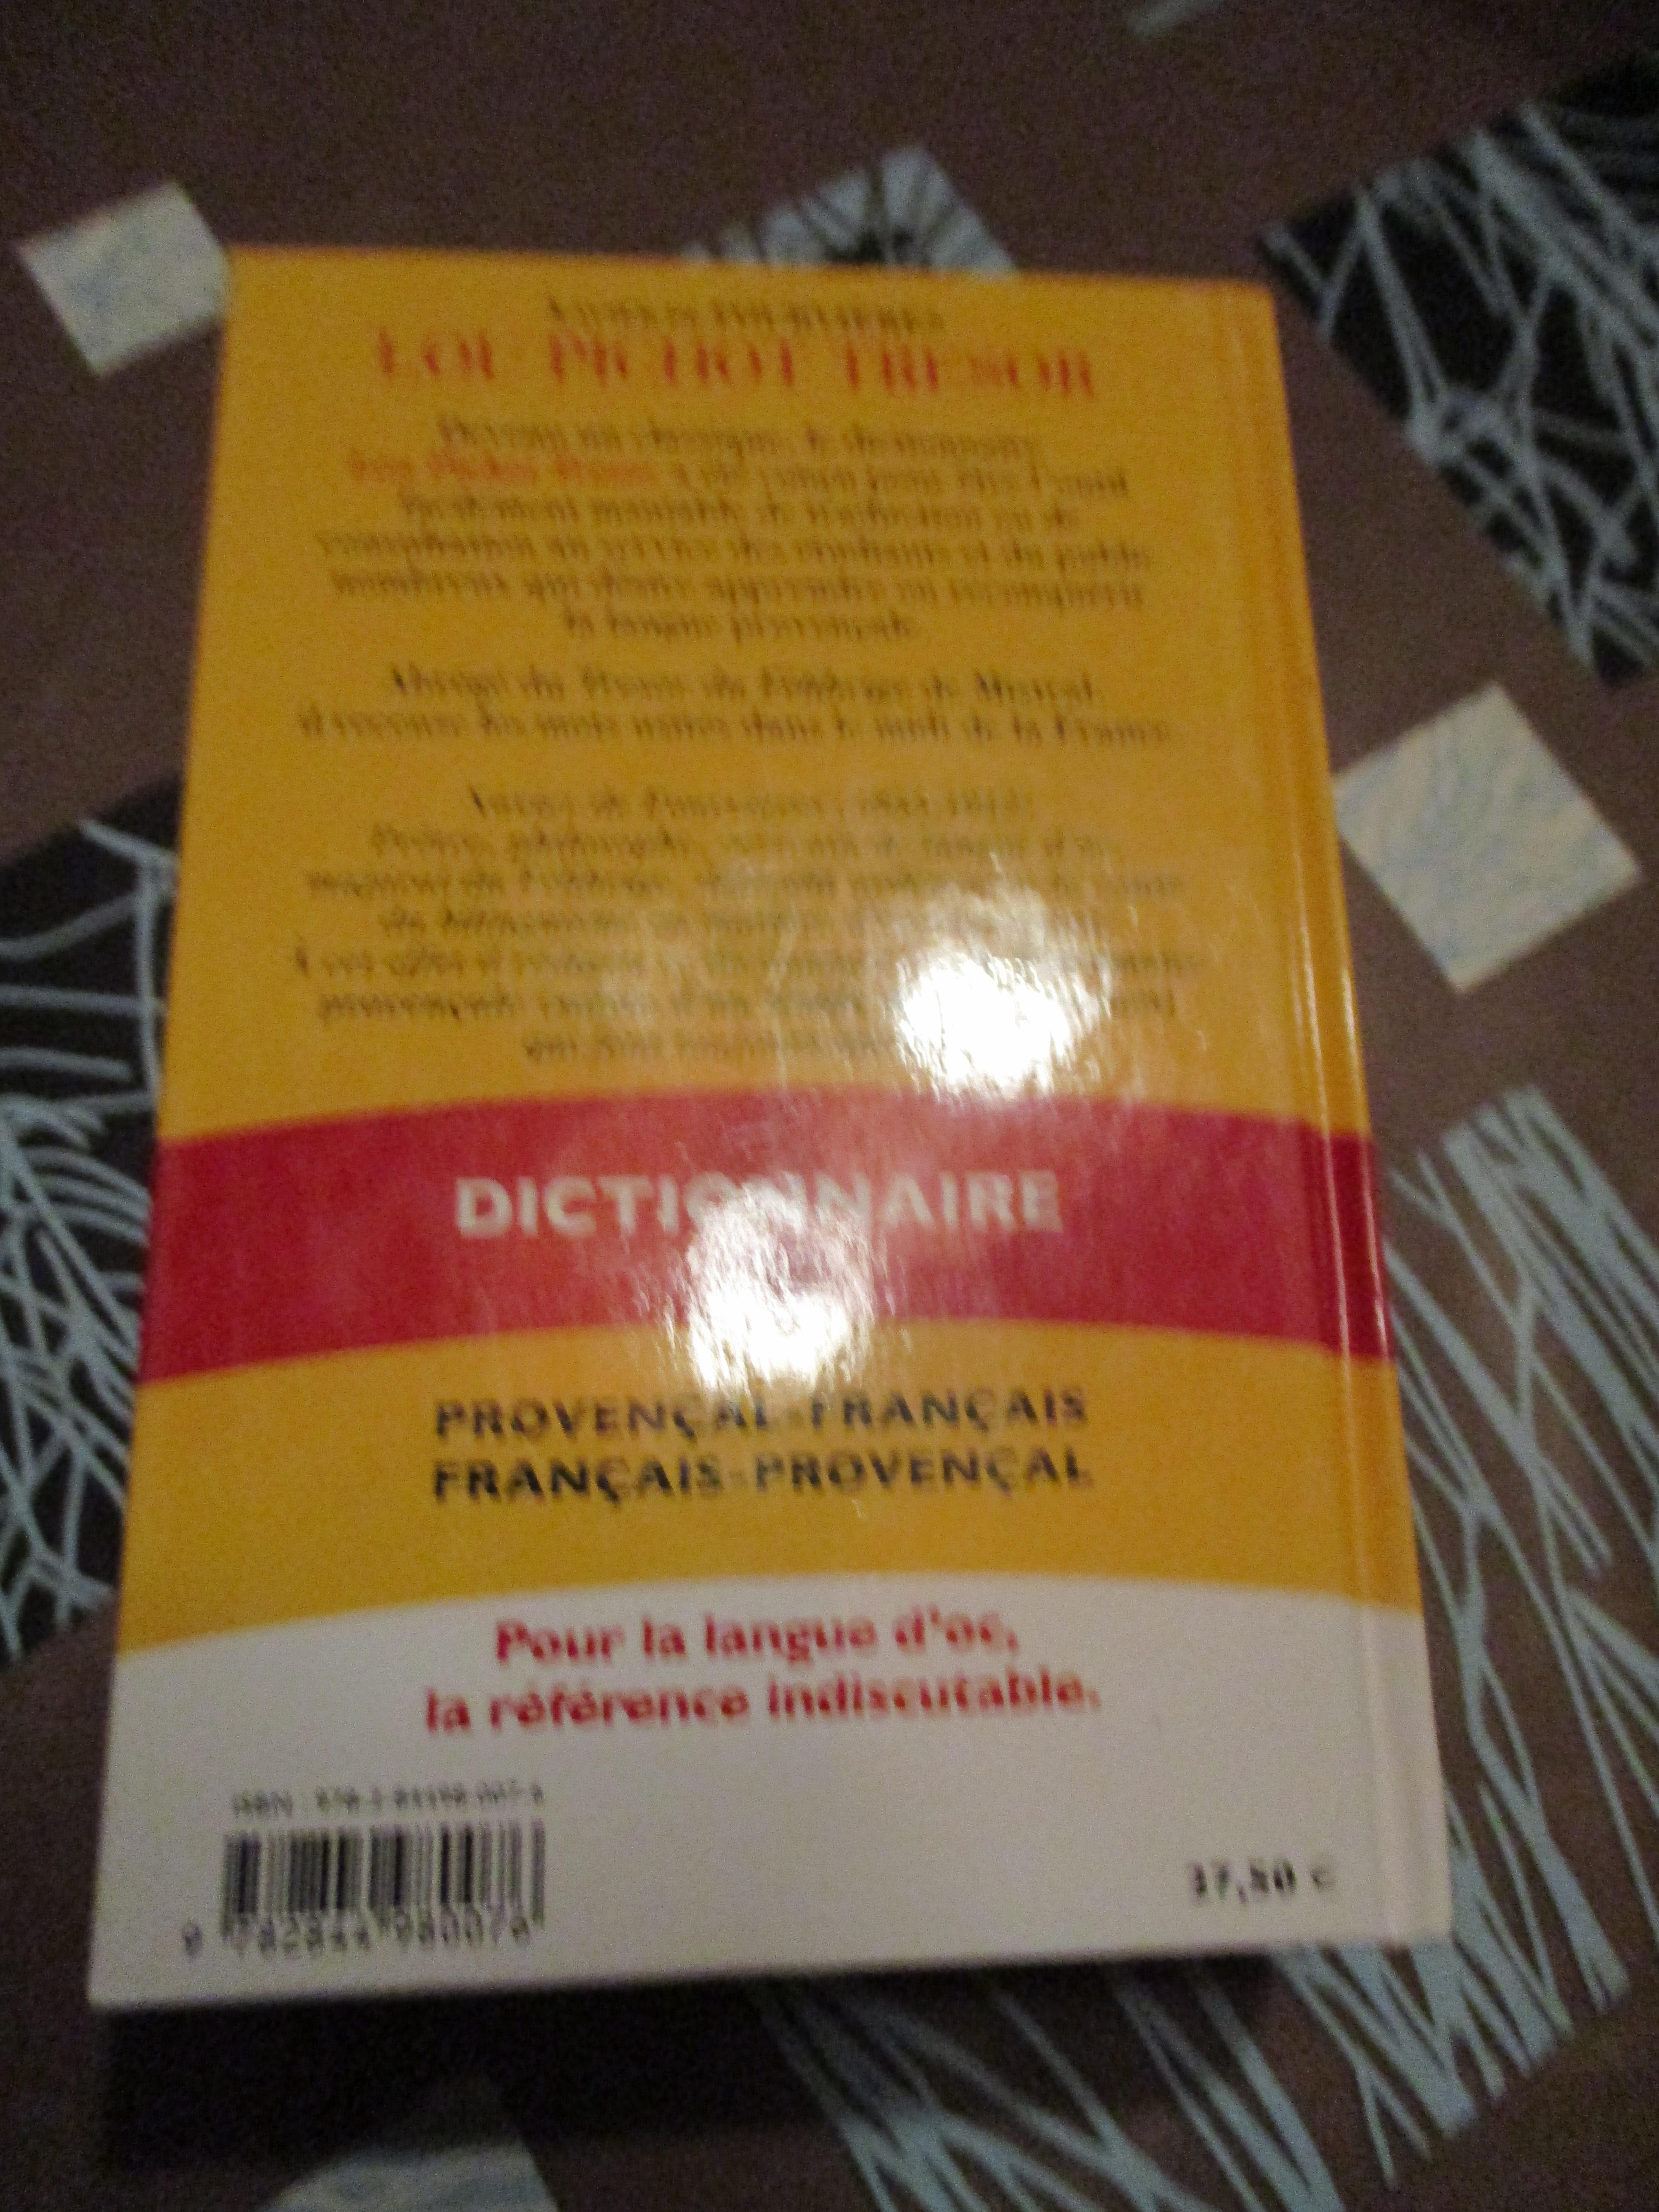 troc de troc lou pichot trésor : dictionnaire provencal image 1